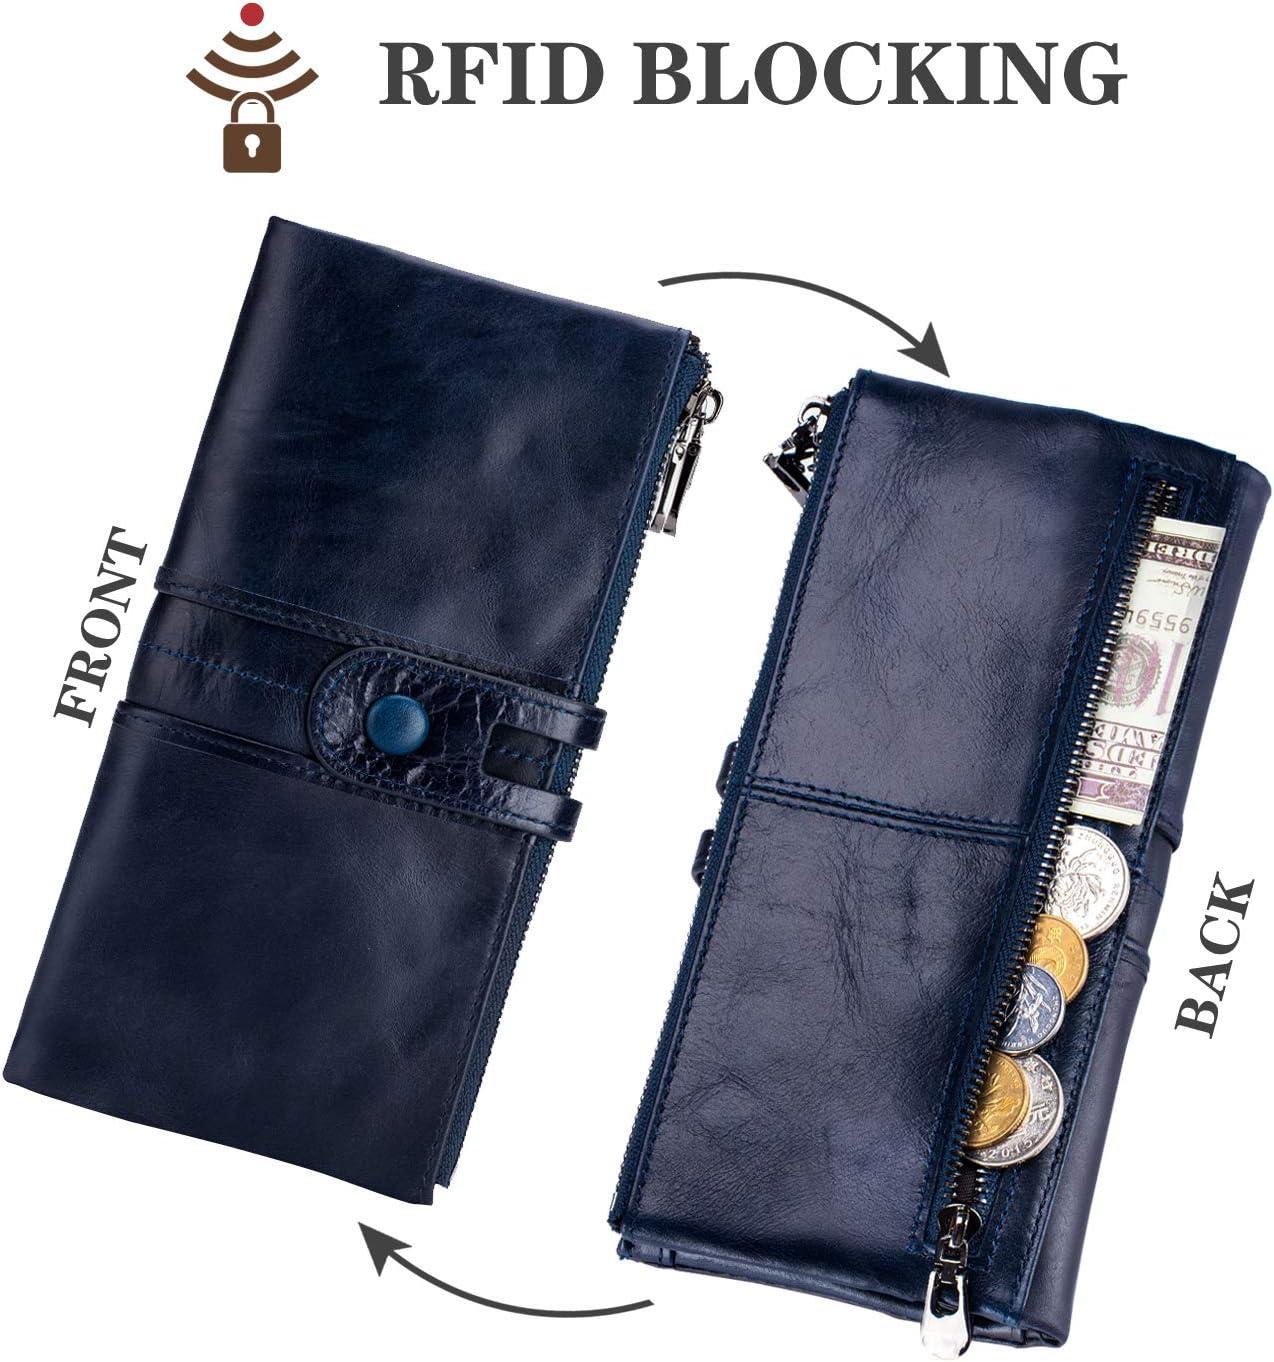 blu navy con cerniera sottile grande capacit/à porta carte con RFID multifunzione ROULENS Portafogli da donna in vera pelle